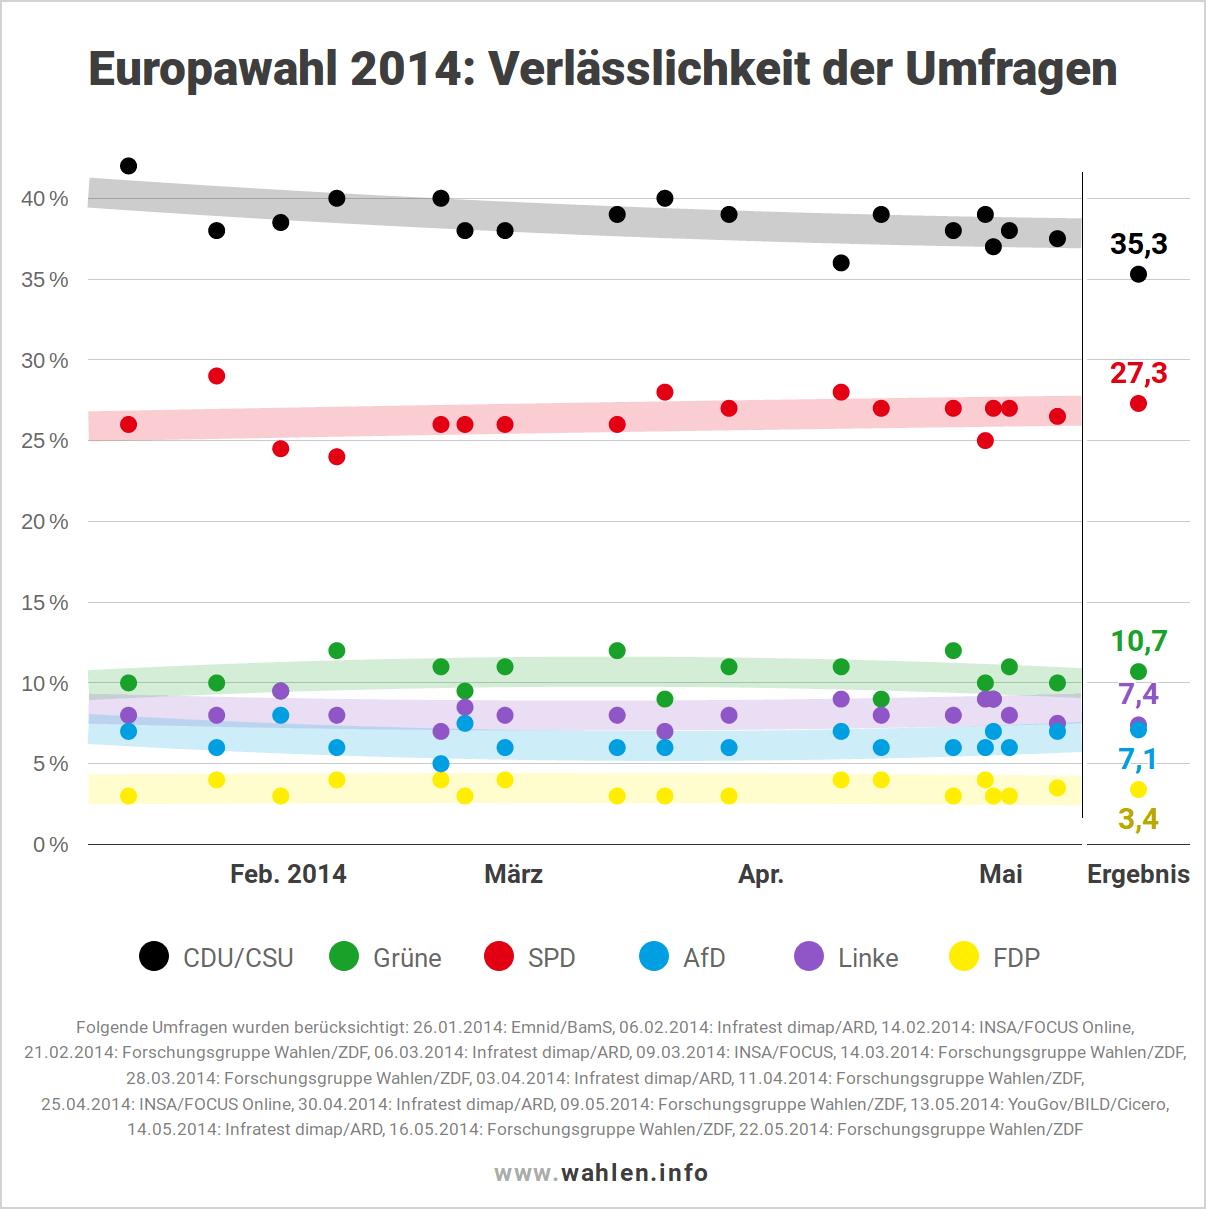 Europawahl 2019 - Verlässlichkeit der Umfragen (Ausgangslage)